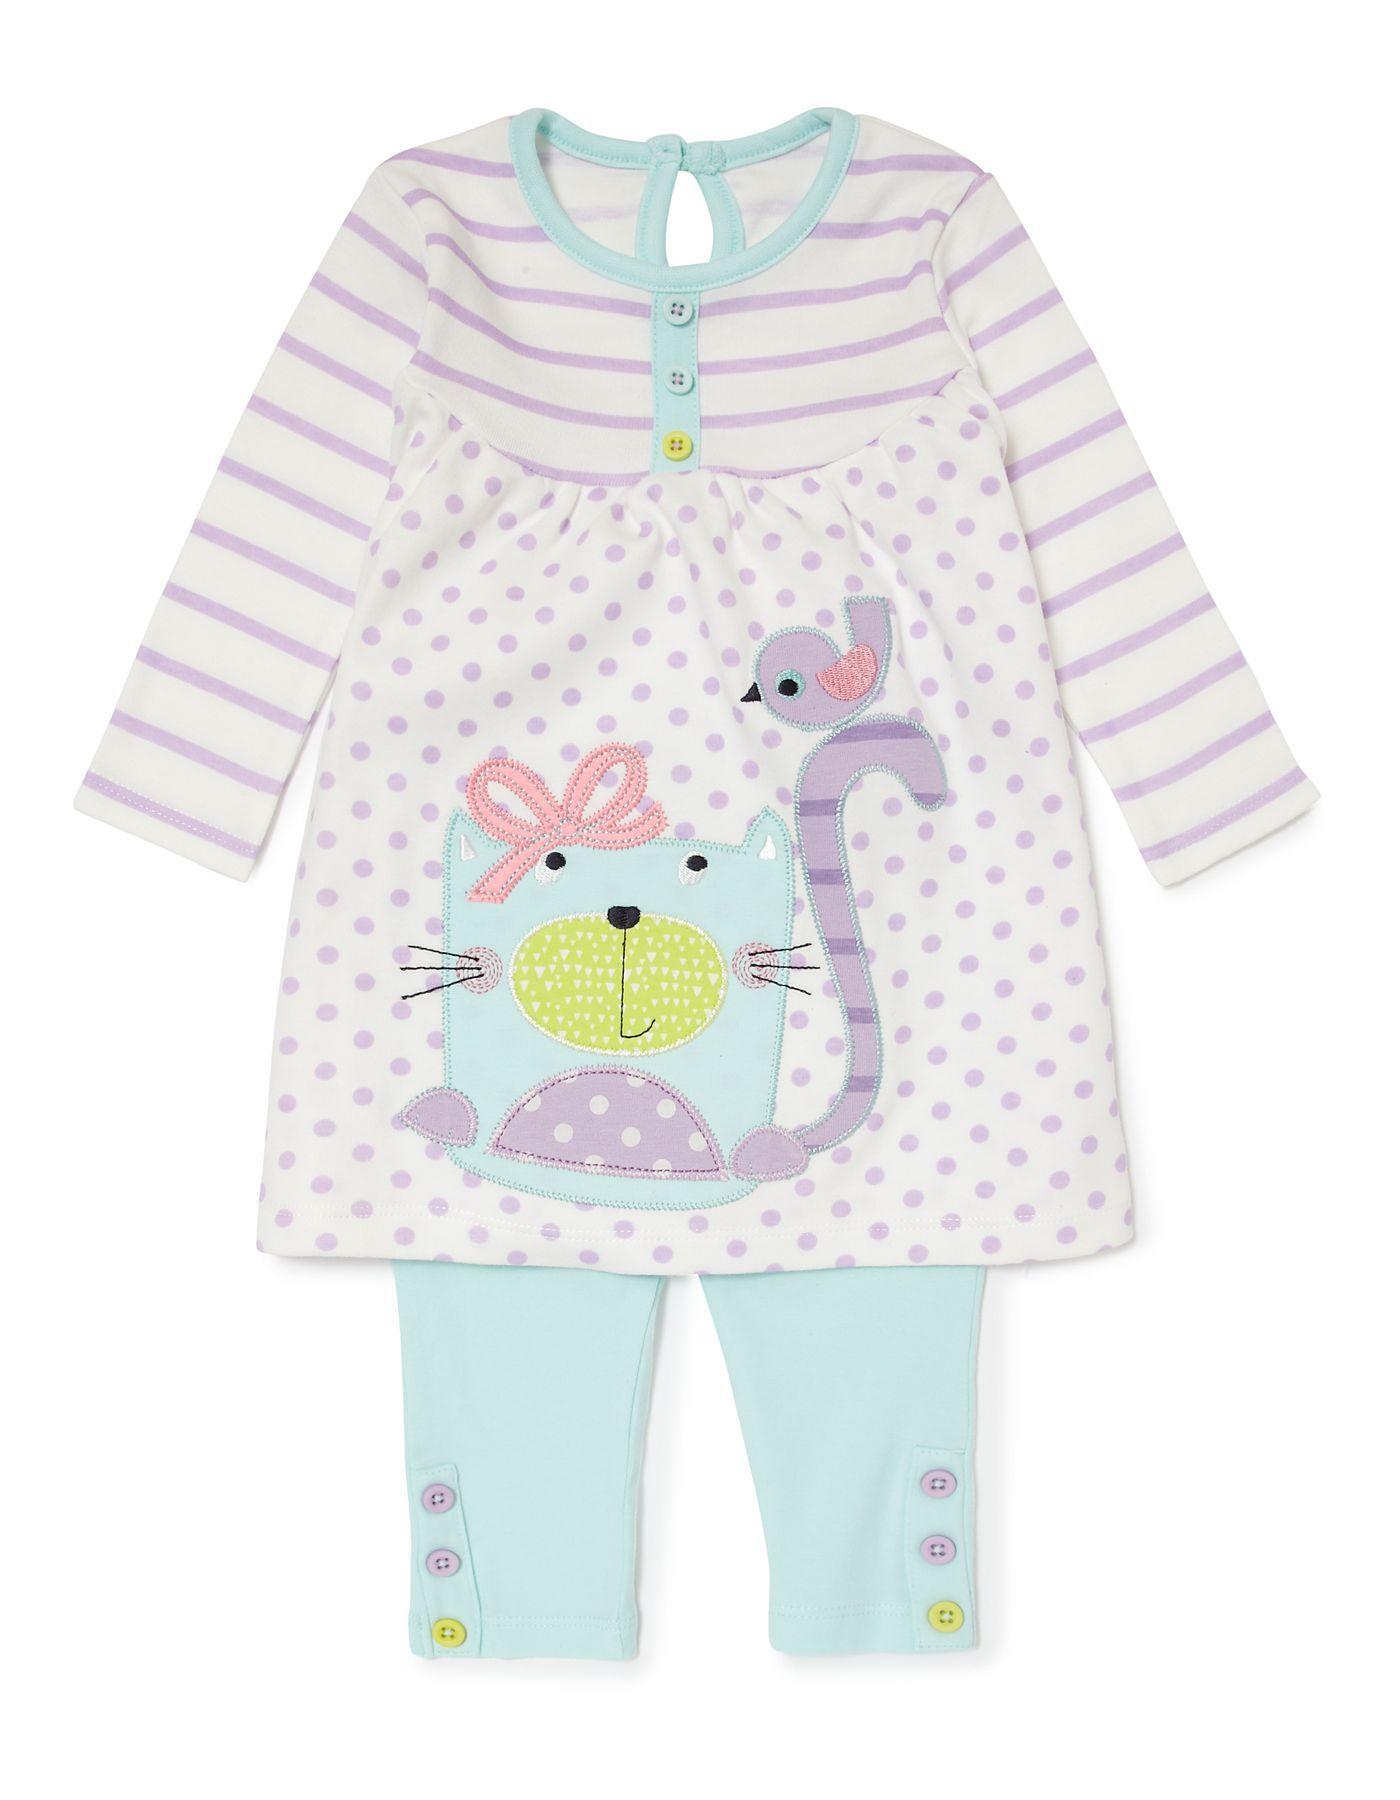 2 Piece Jersey Baby Set Girl Cloths Pinterest